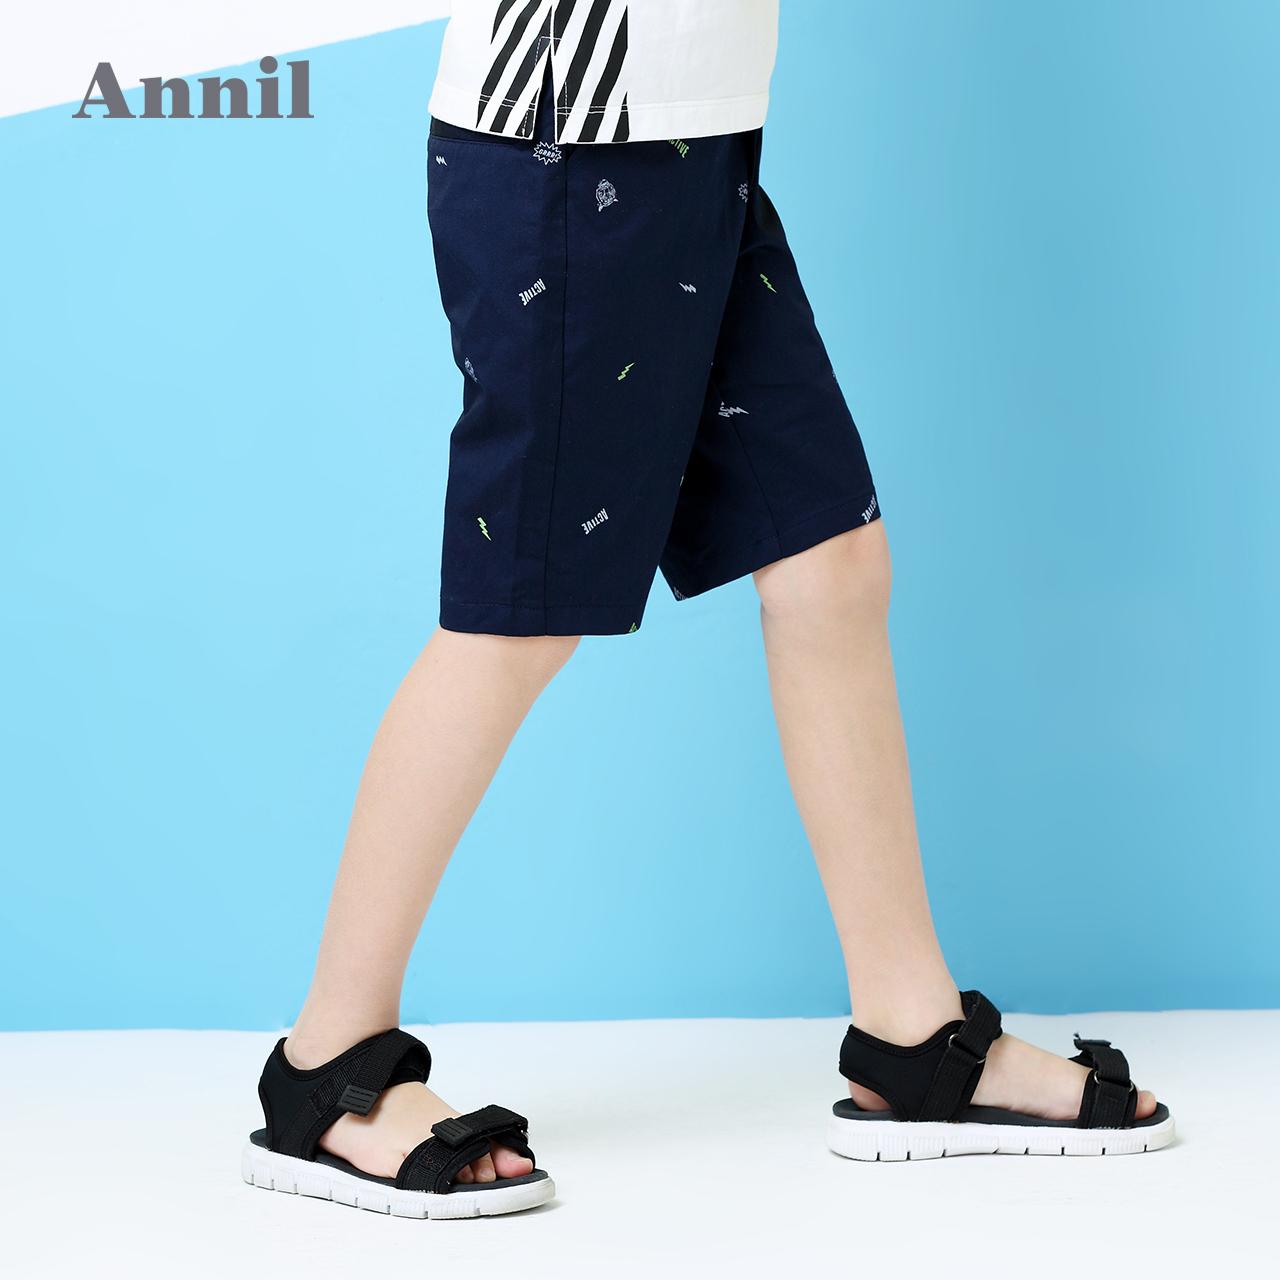 安奈儿童装男童中裤2018夏季新款全腰梭织中裤EB826223